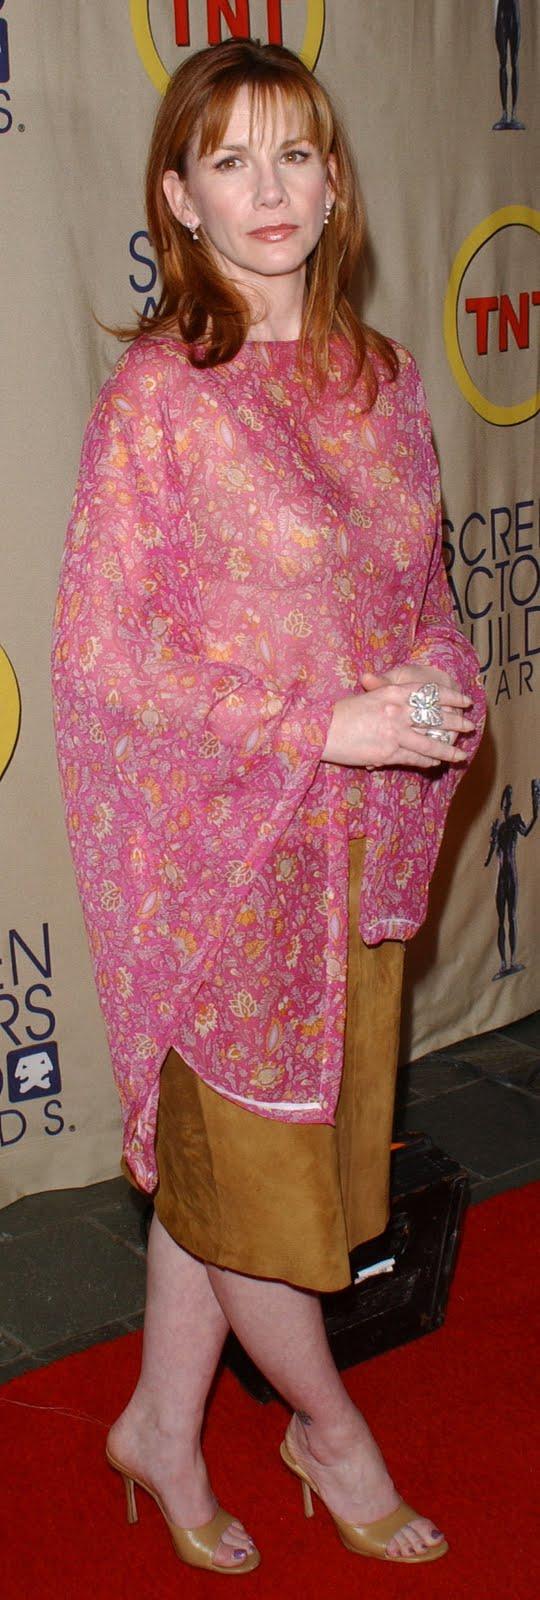 Melissa Gilbert Legs and Feet